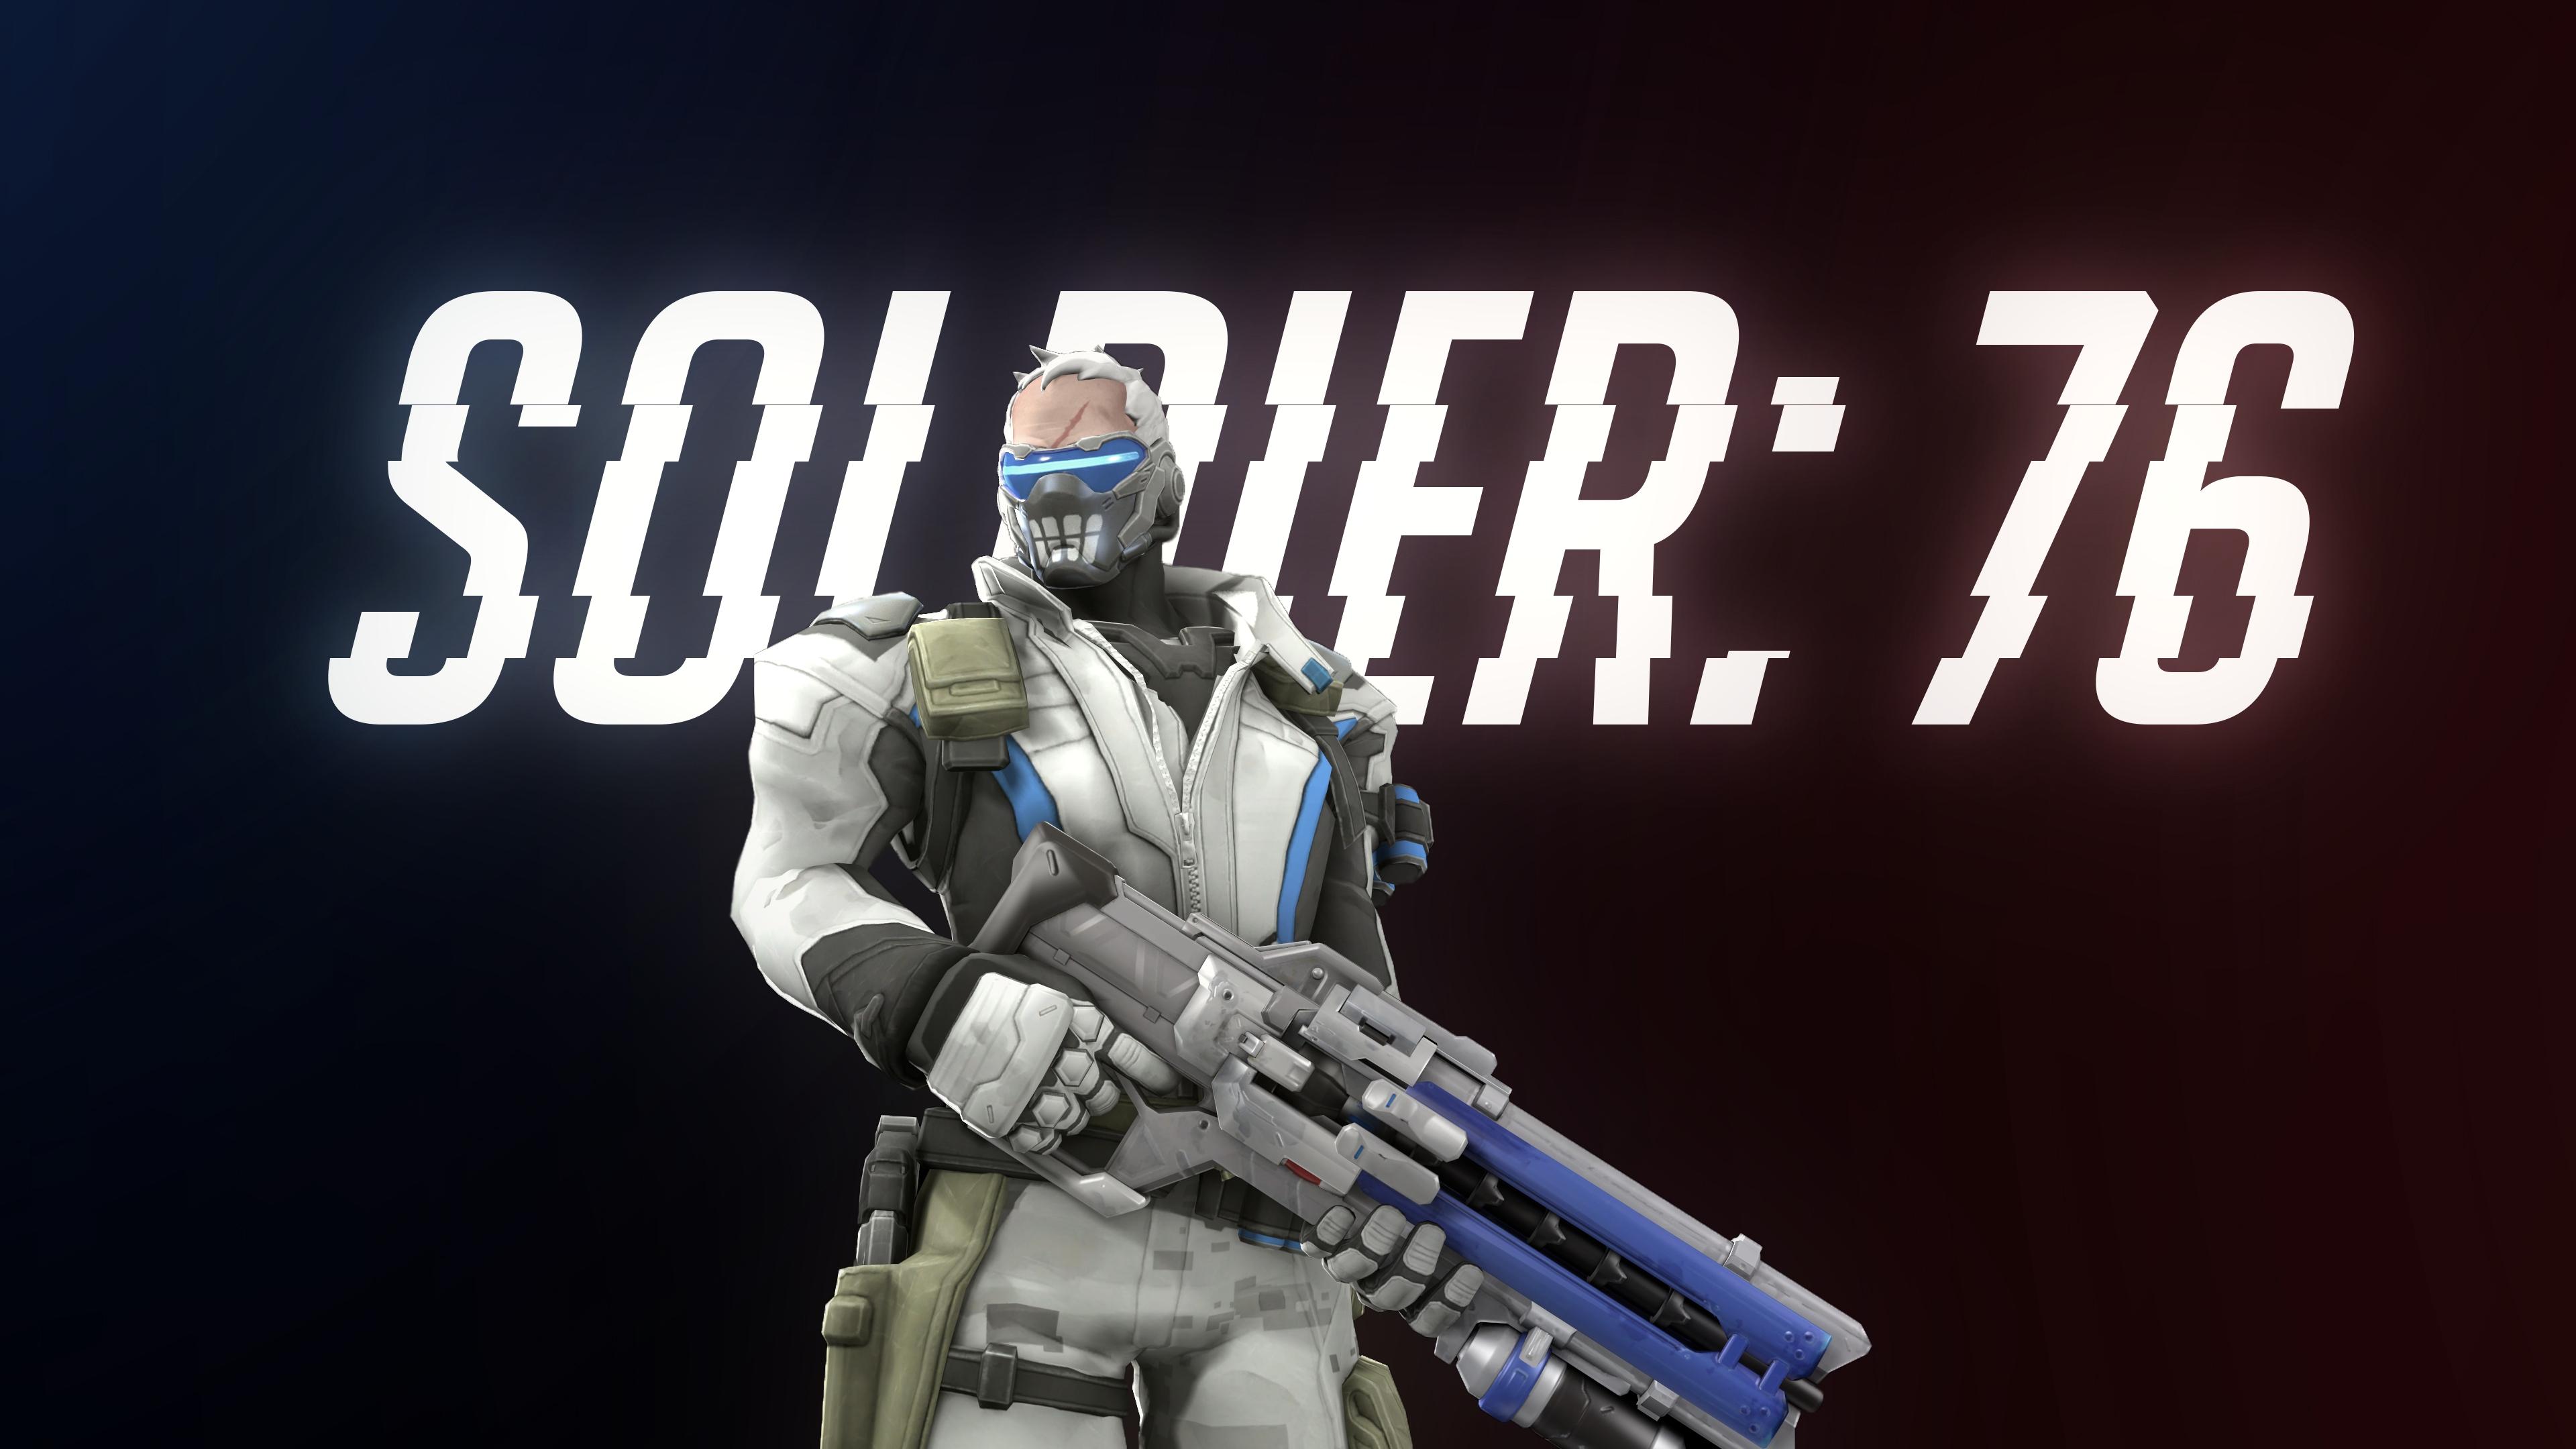 Патруль солдат 76. обои скачать